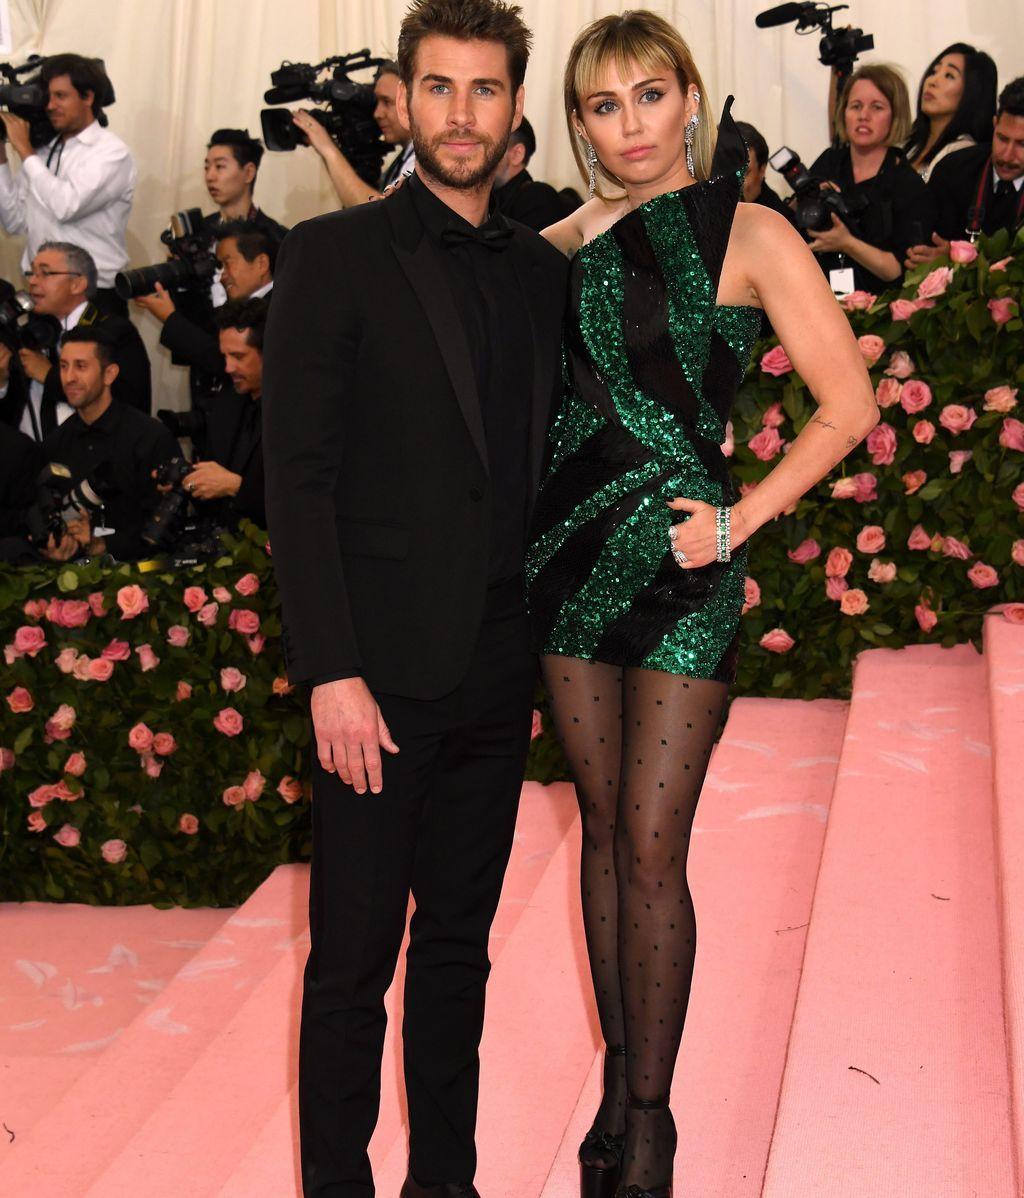 Miley Cyrus acudió a la gala junto a su marido Liam Hemsworth